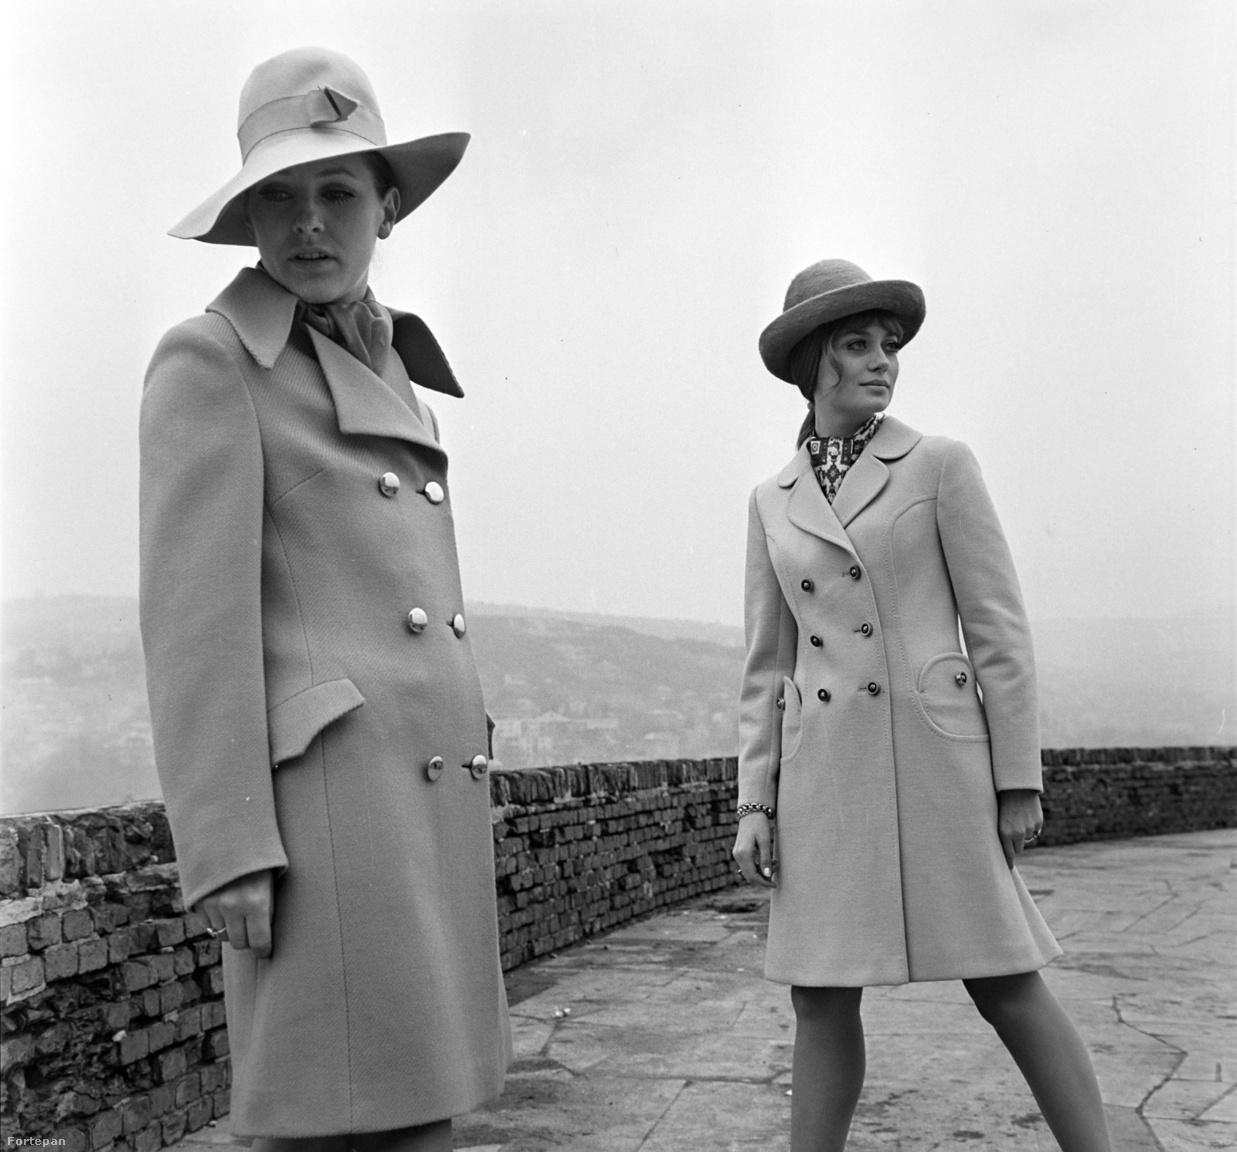 1970, Budai vár, Tóth Árpád sétány, Veli bej rondella. Jobbra, a Schmidt Bea manökenen látható kabát elég stílusos, de a baloldalival ma már nem próbálkoznánk.